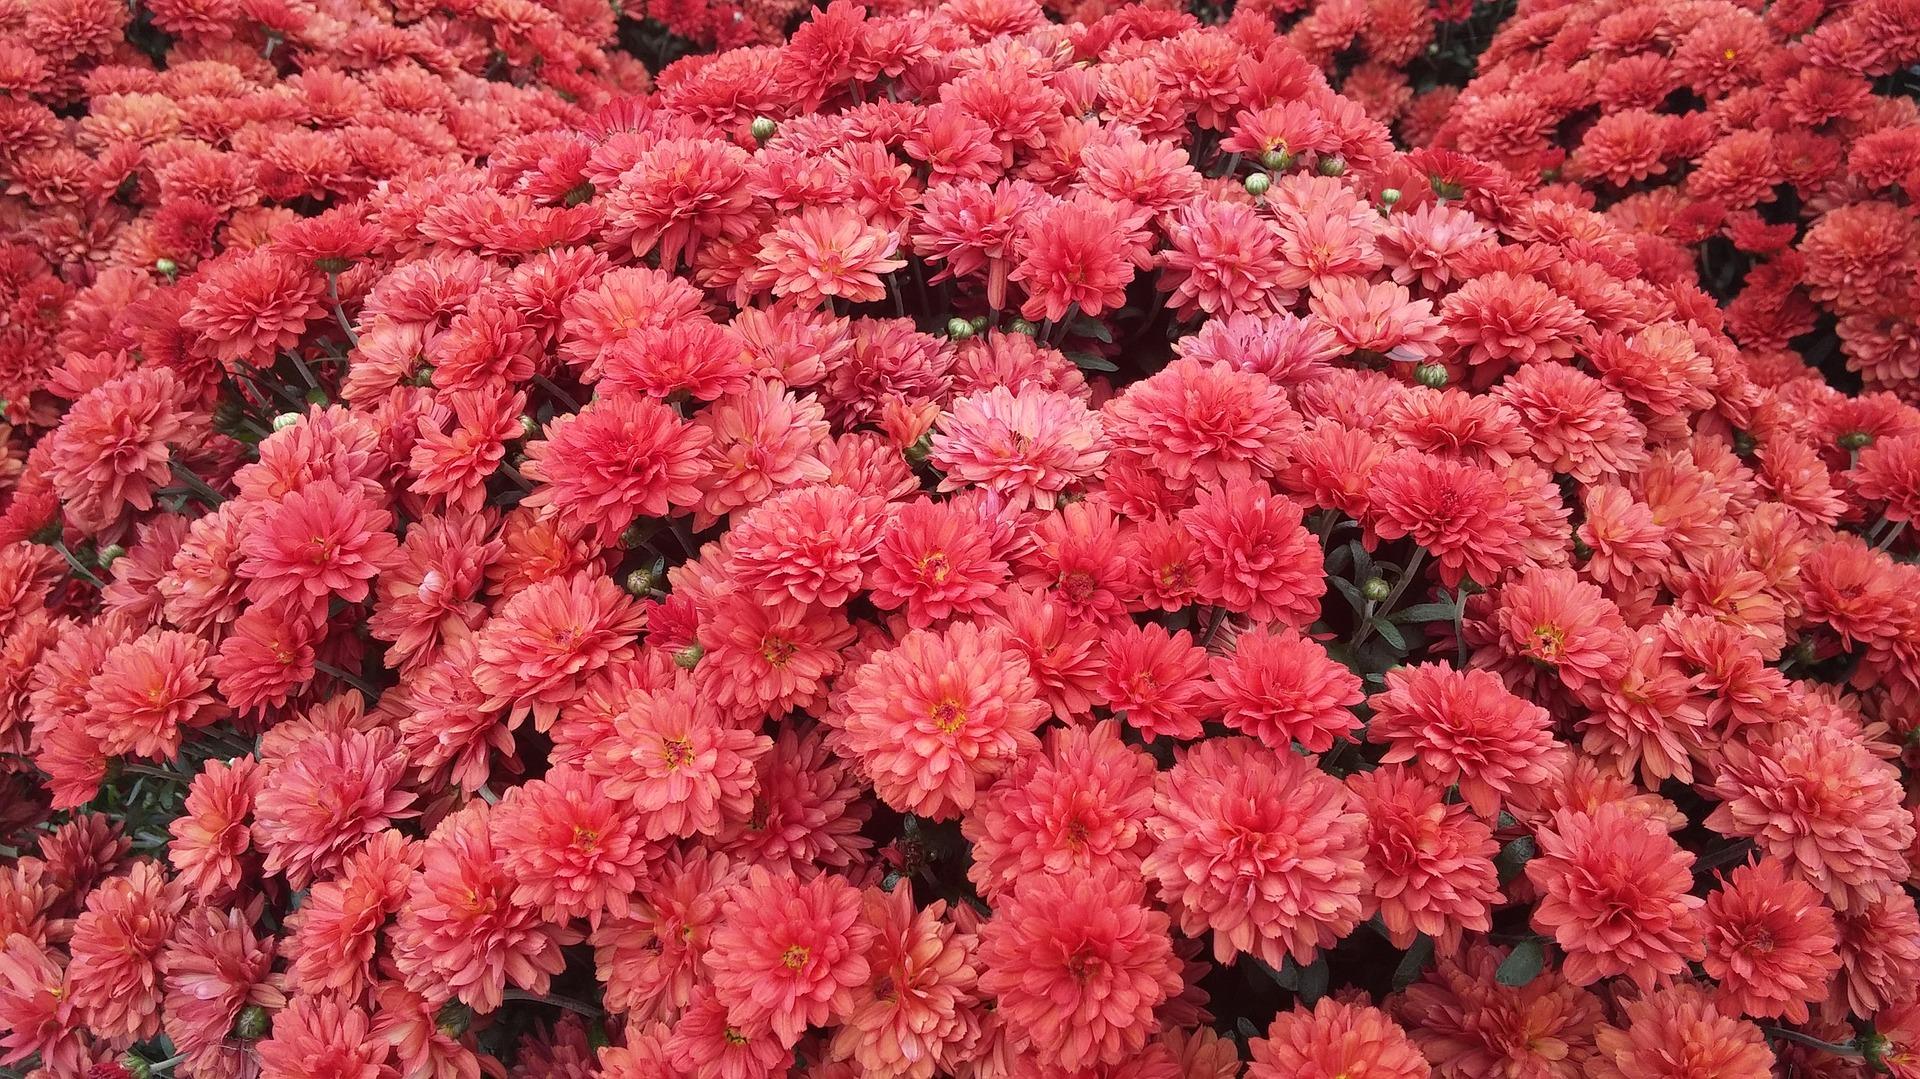 floral-994730-1920.jpg